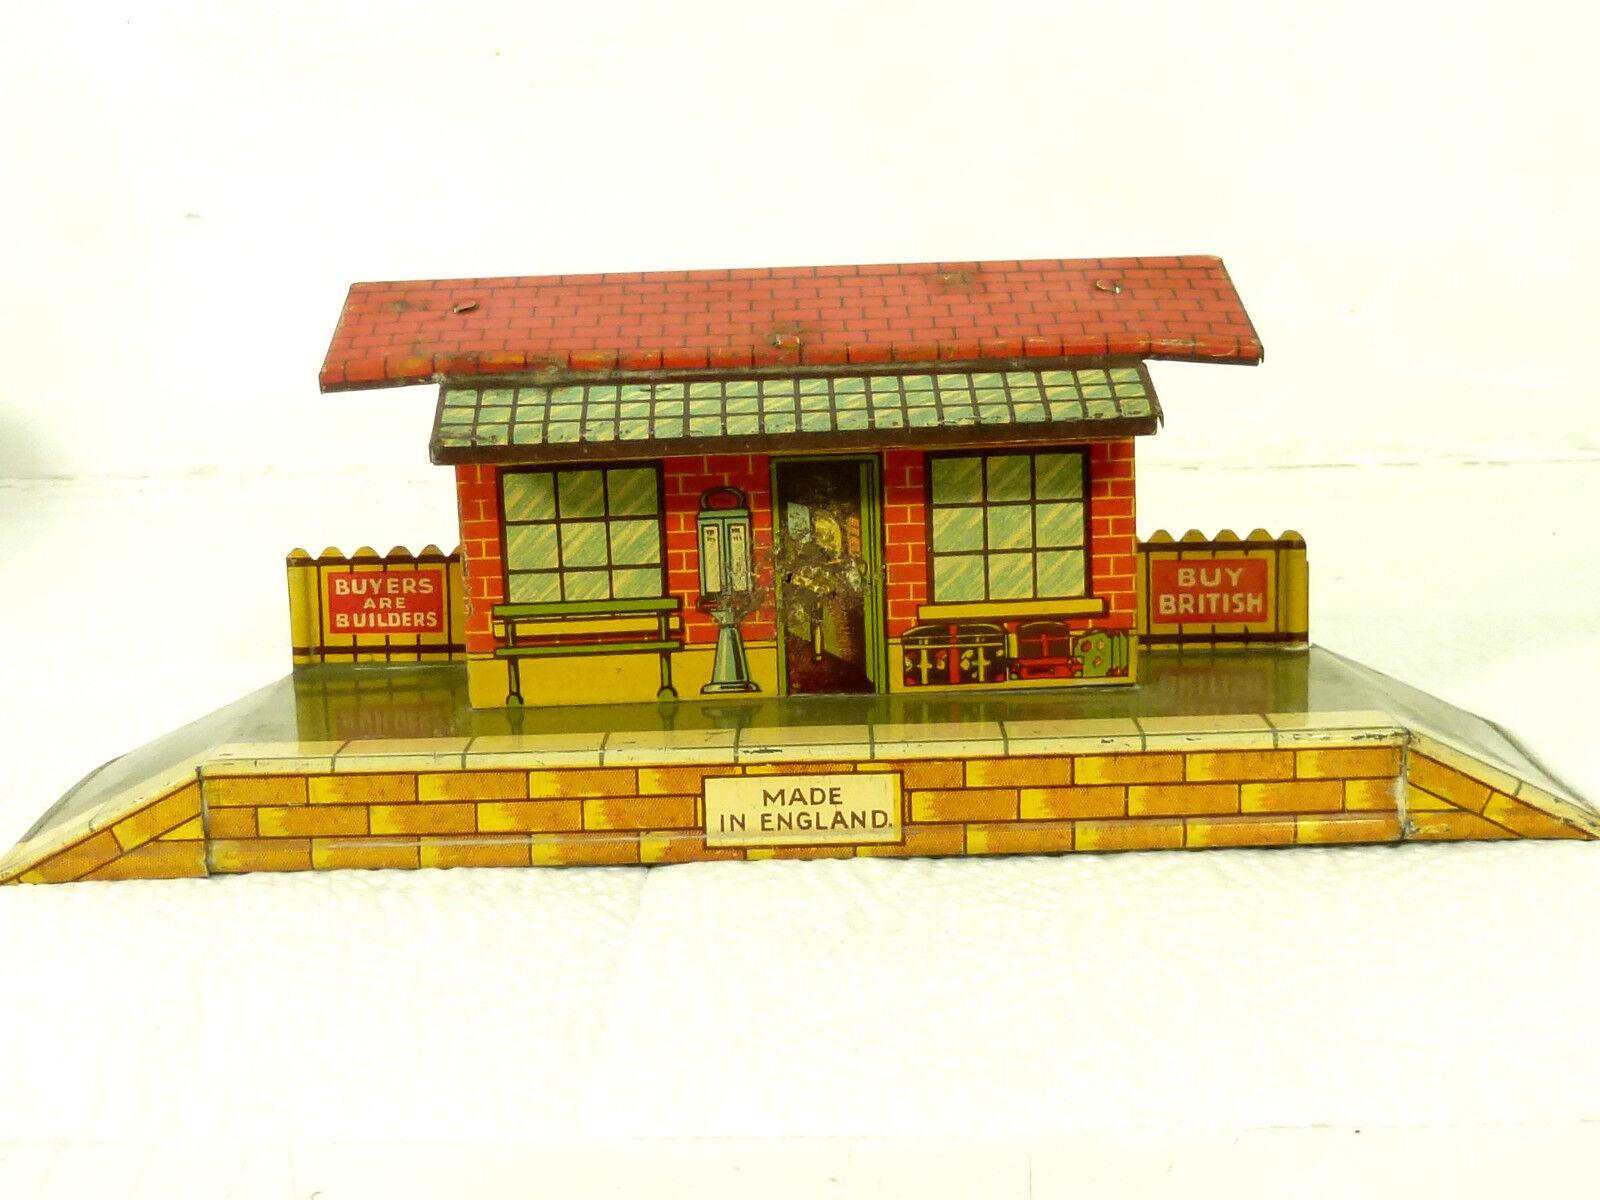 Estación de ferrocarril con cargar y andén, casa, 20 30er años, made en Inglaterra